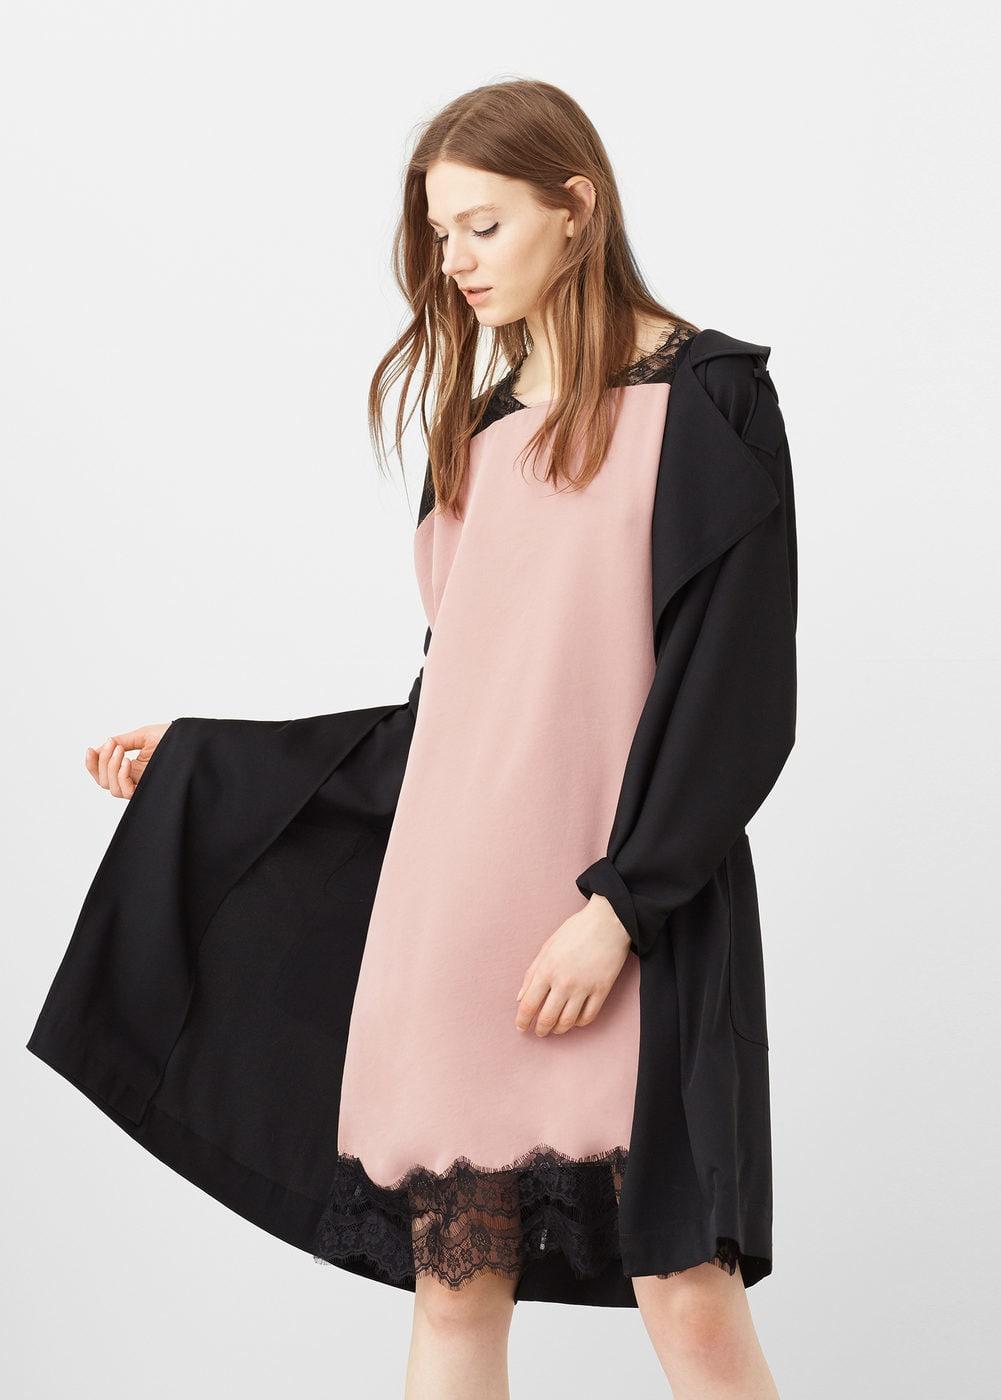 Vestidos Lenceros que podrás encontrar en Rebajas - vestio lencero rosa con encaje